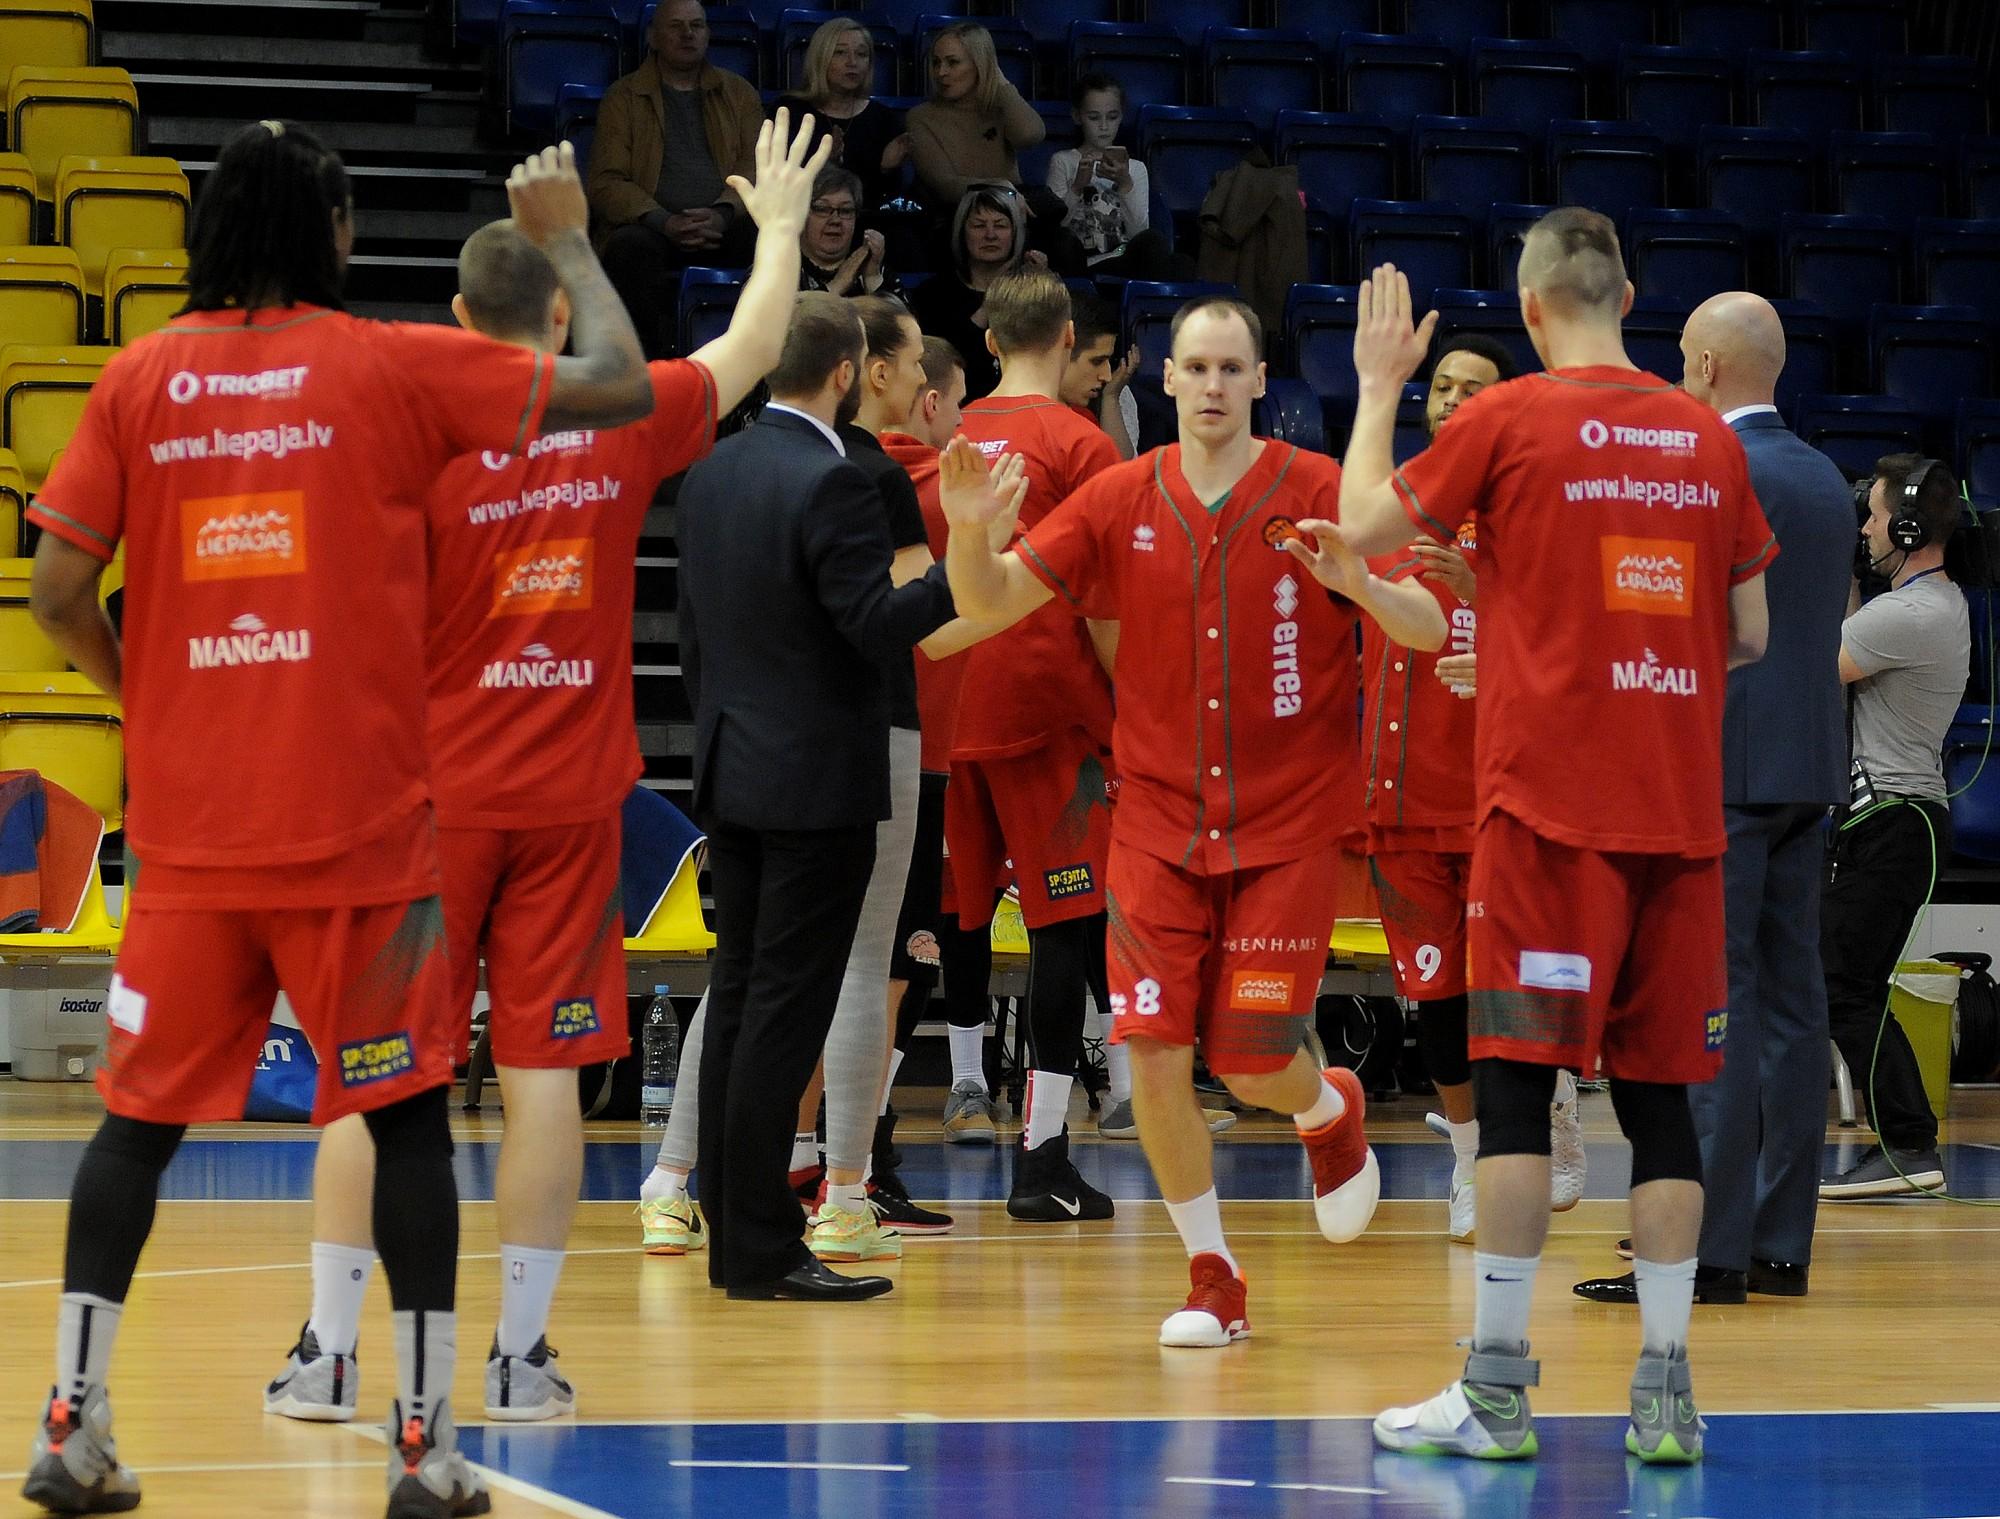 Kurzemes derbijā Liepāja arī ceturto uzvaru atdod Ventspilij